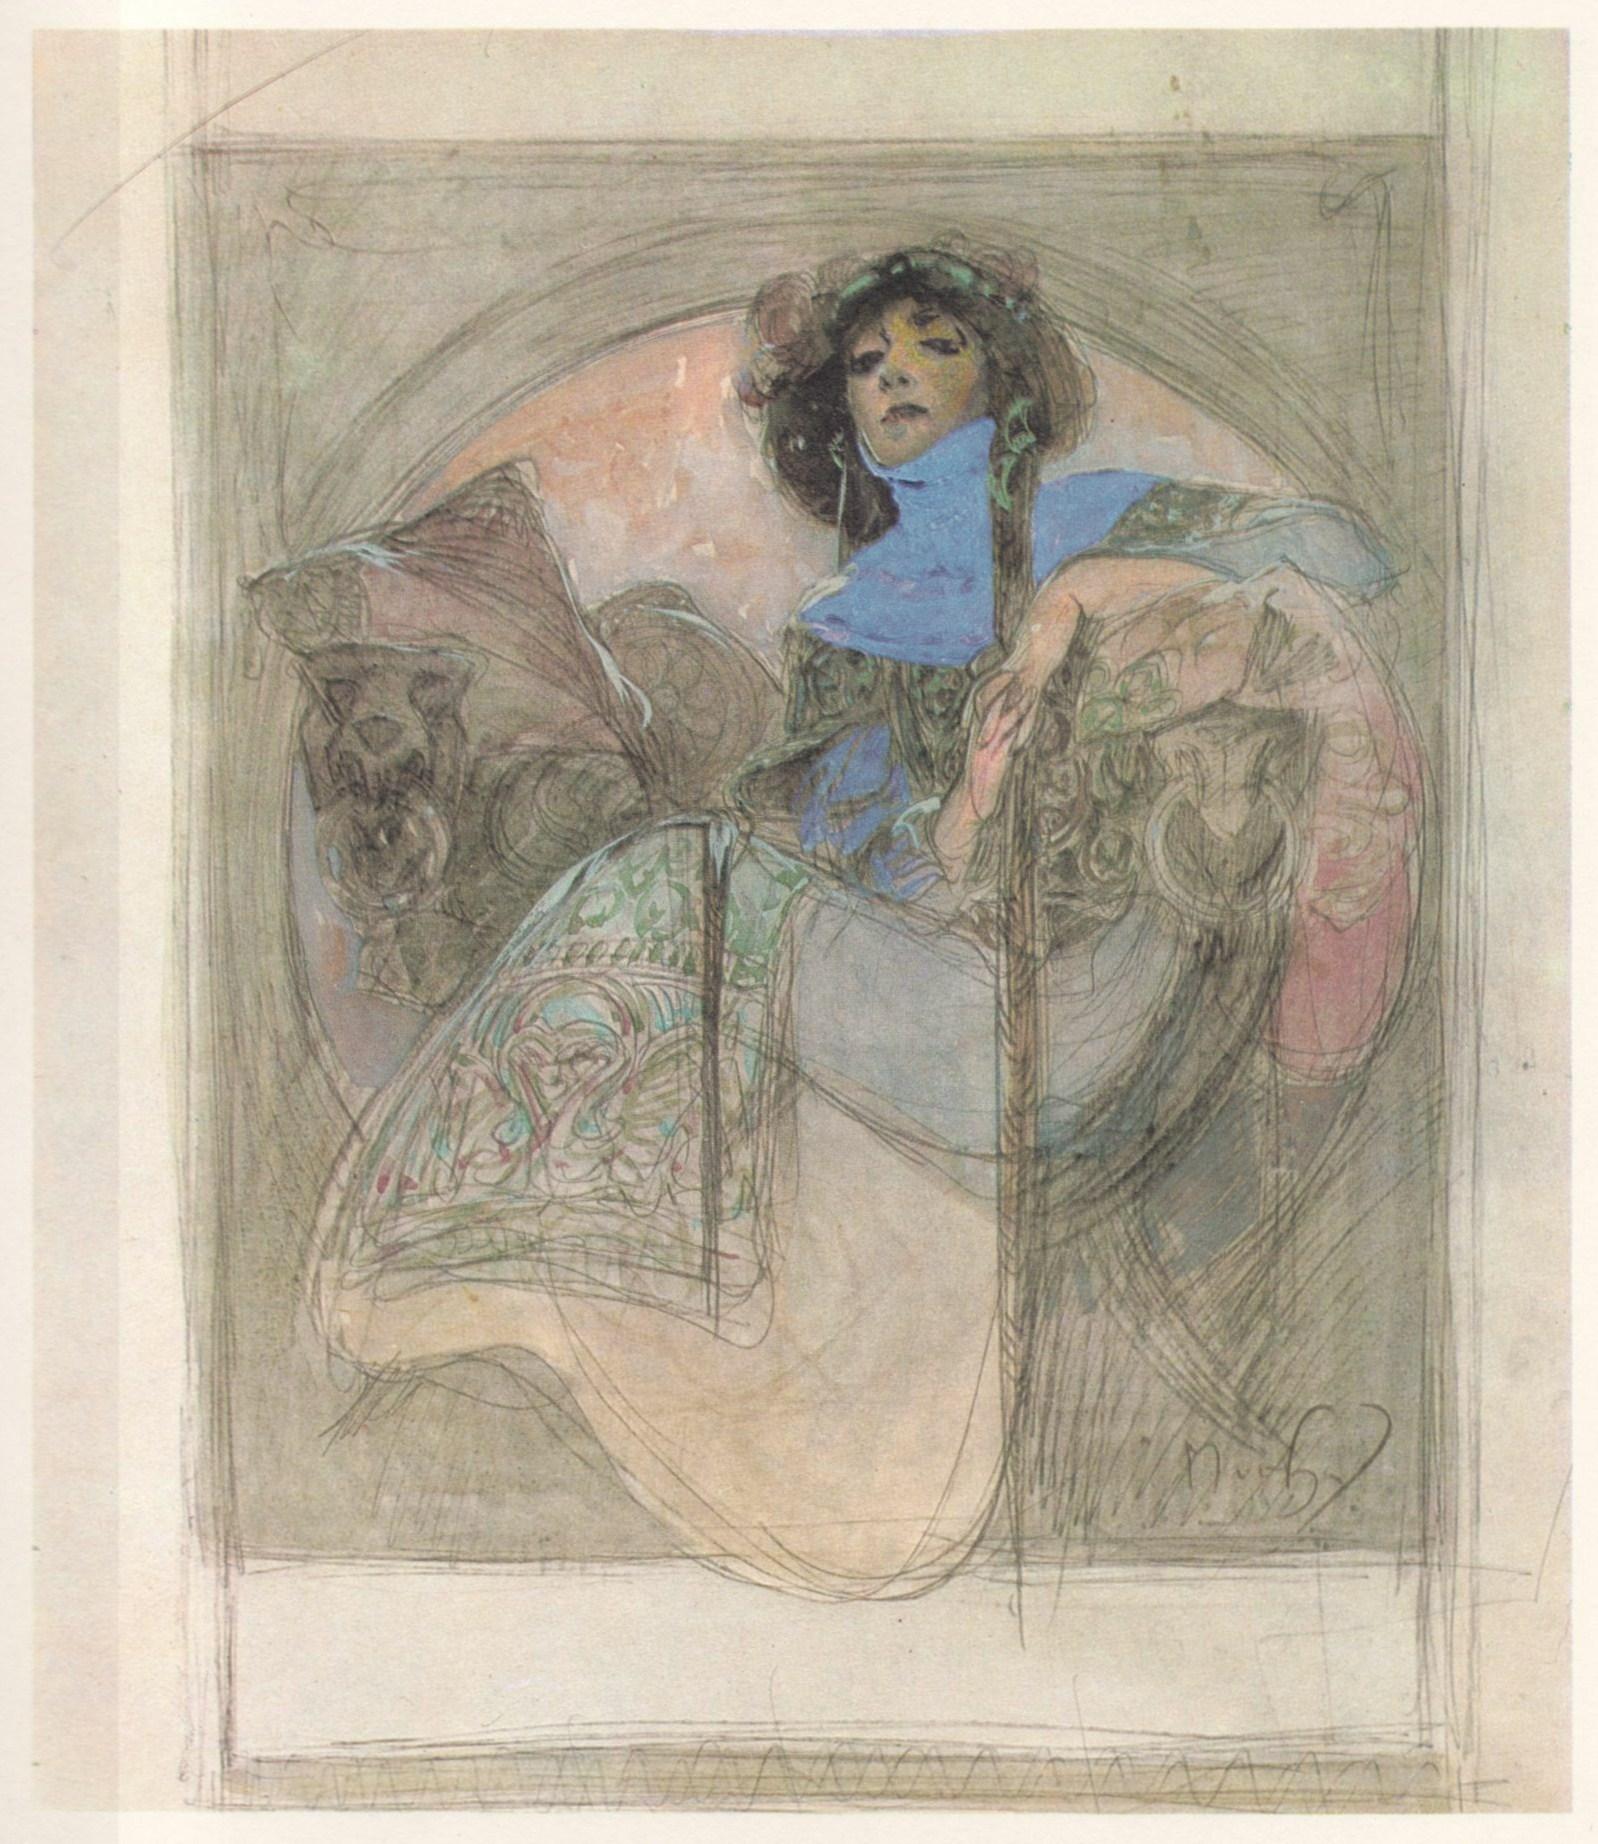 Alphonse Mucha Drawings